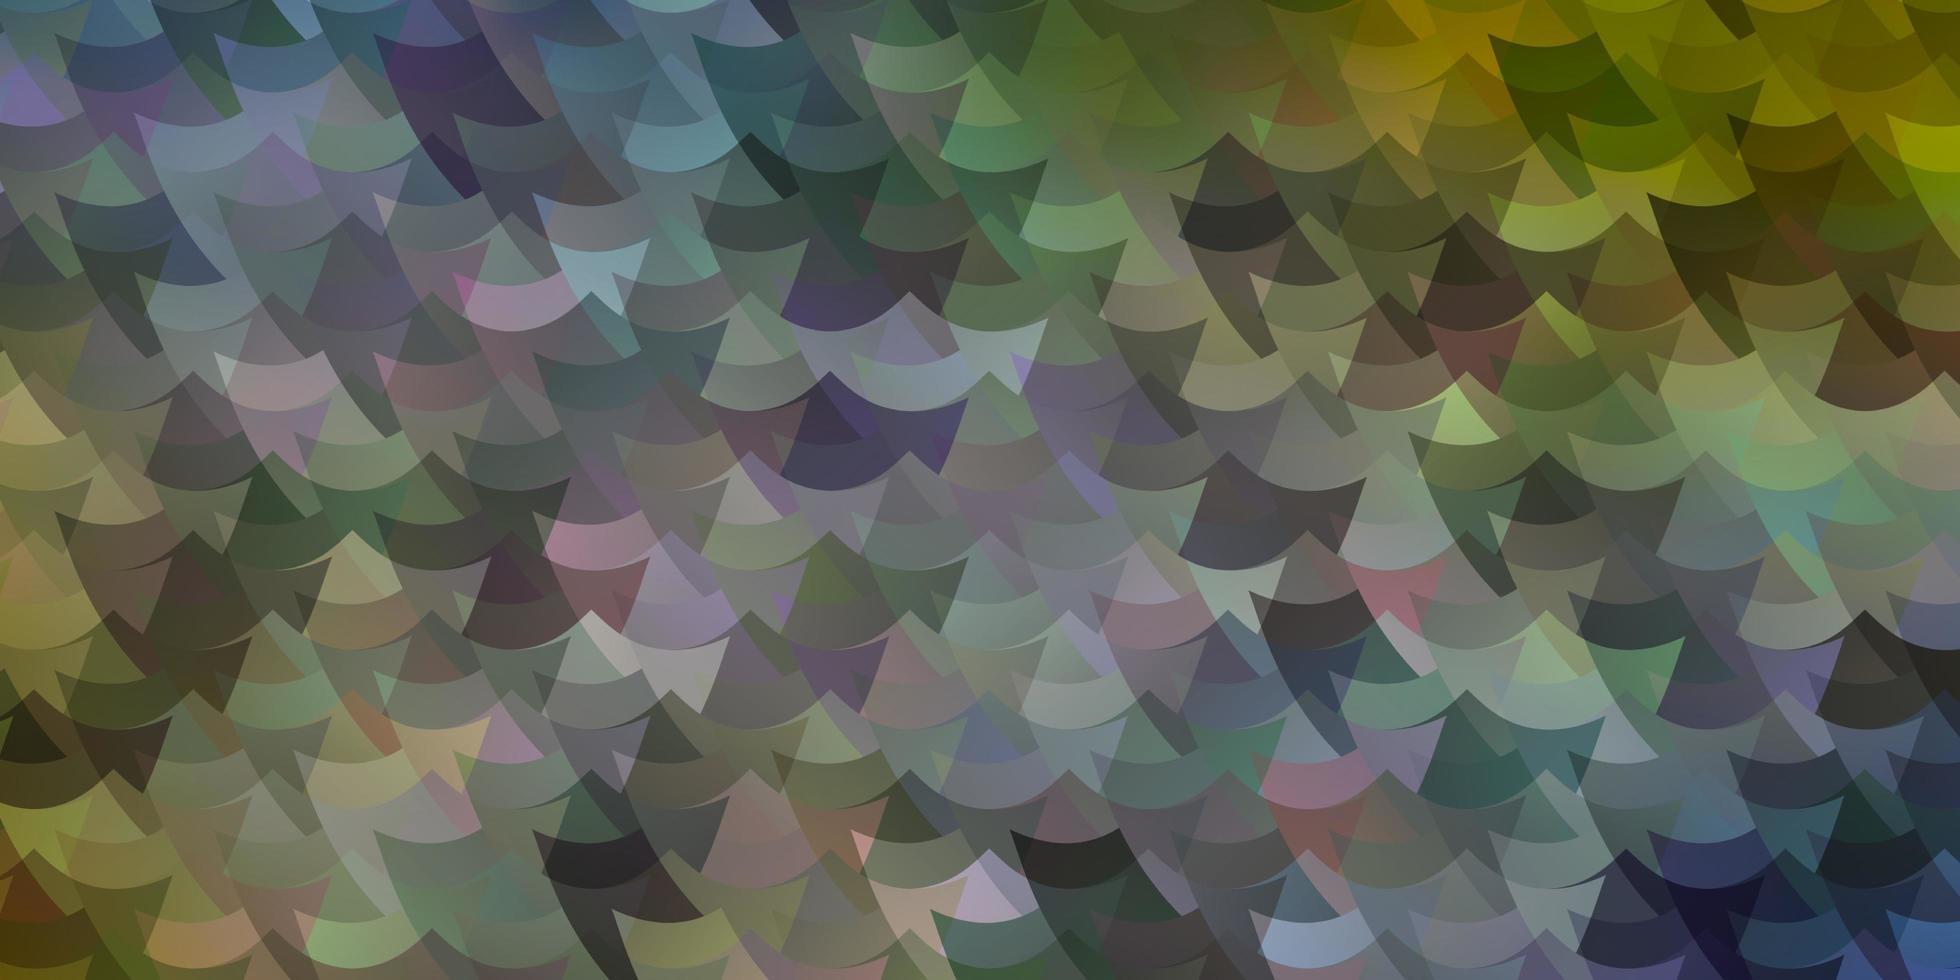 mehrfarbiges Layout mit Linien, Rechtecken. vektor